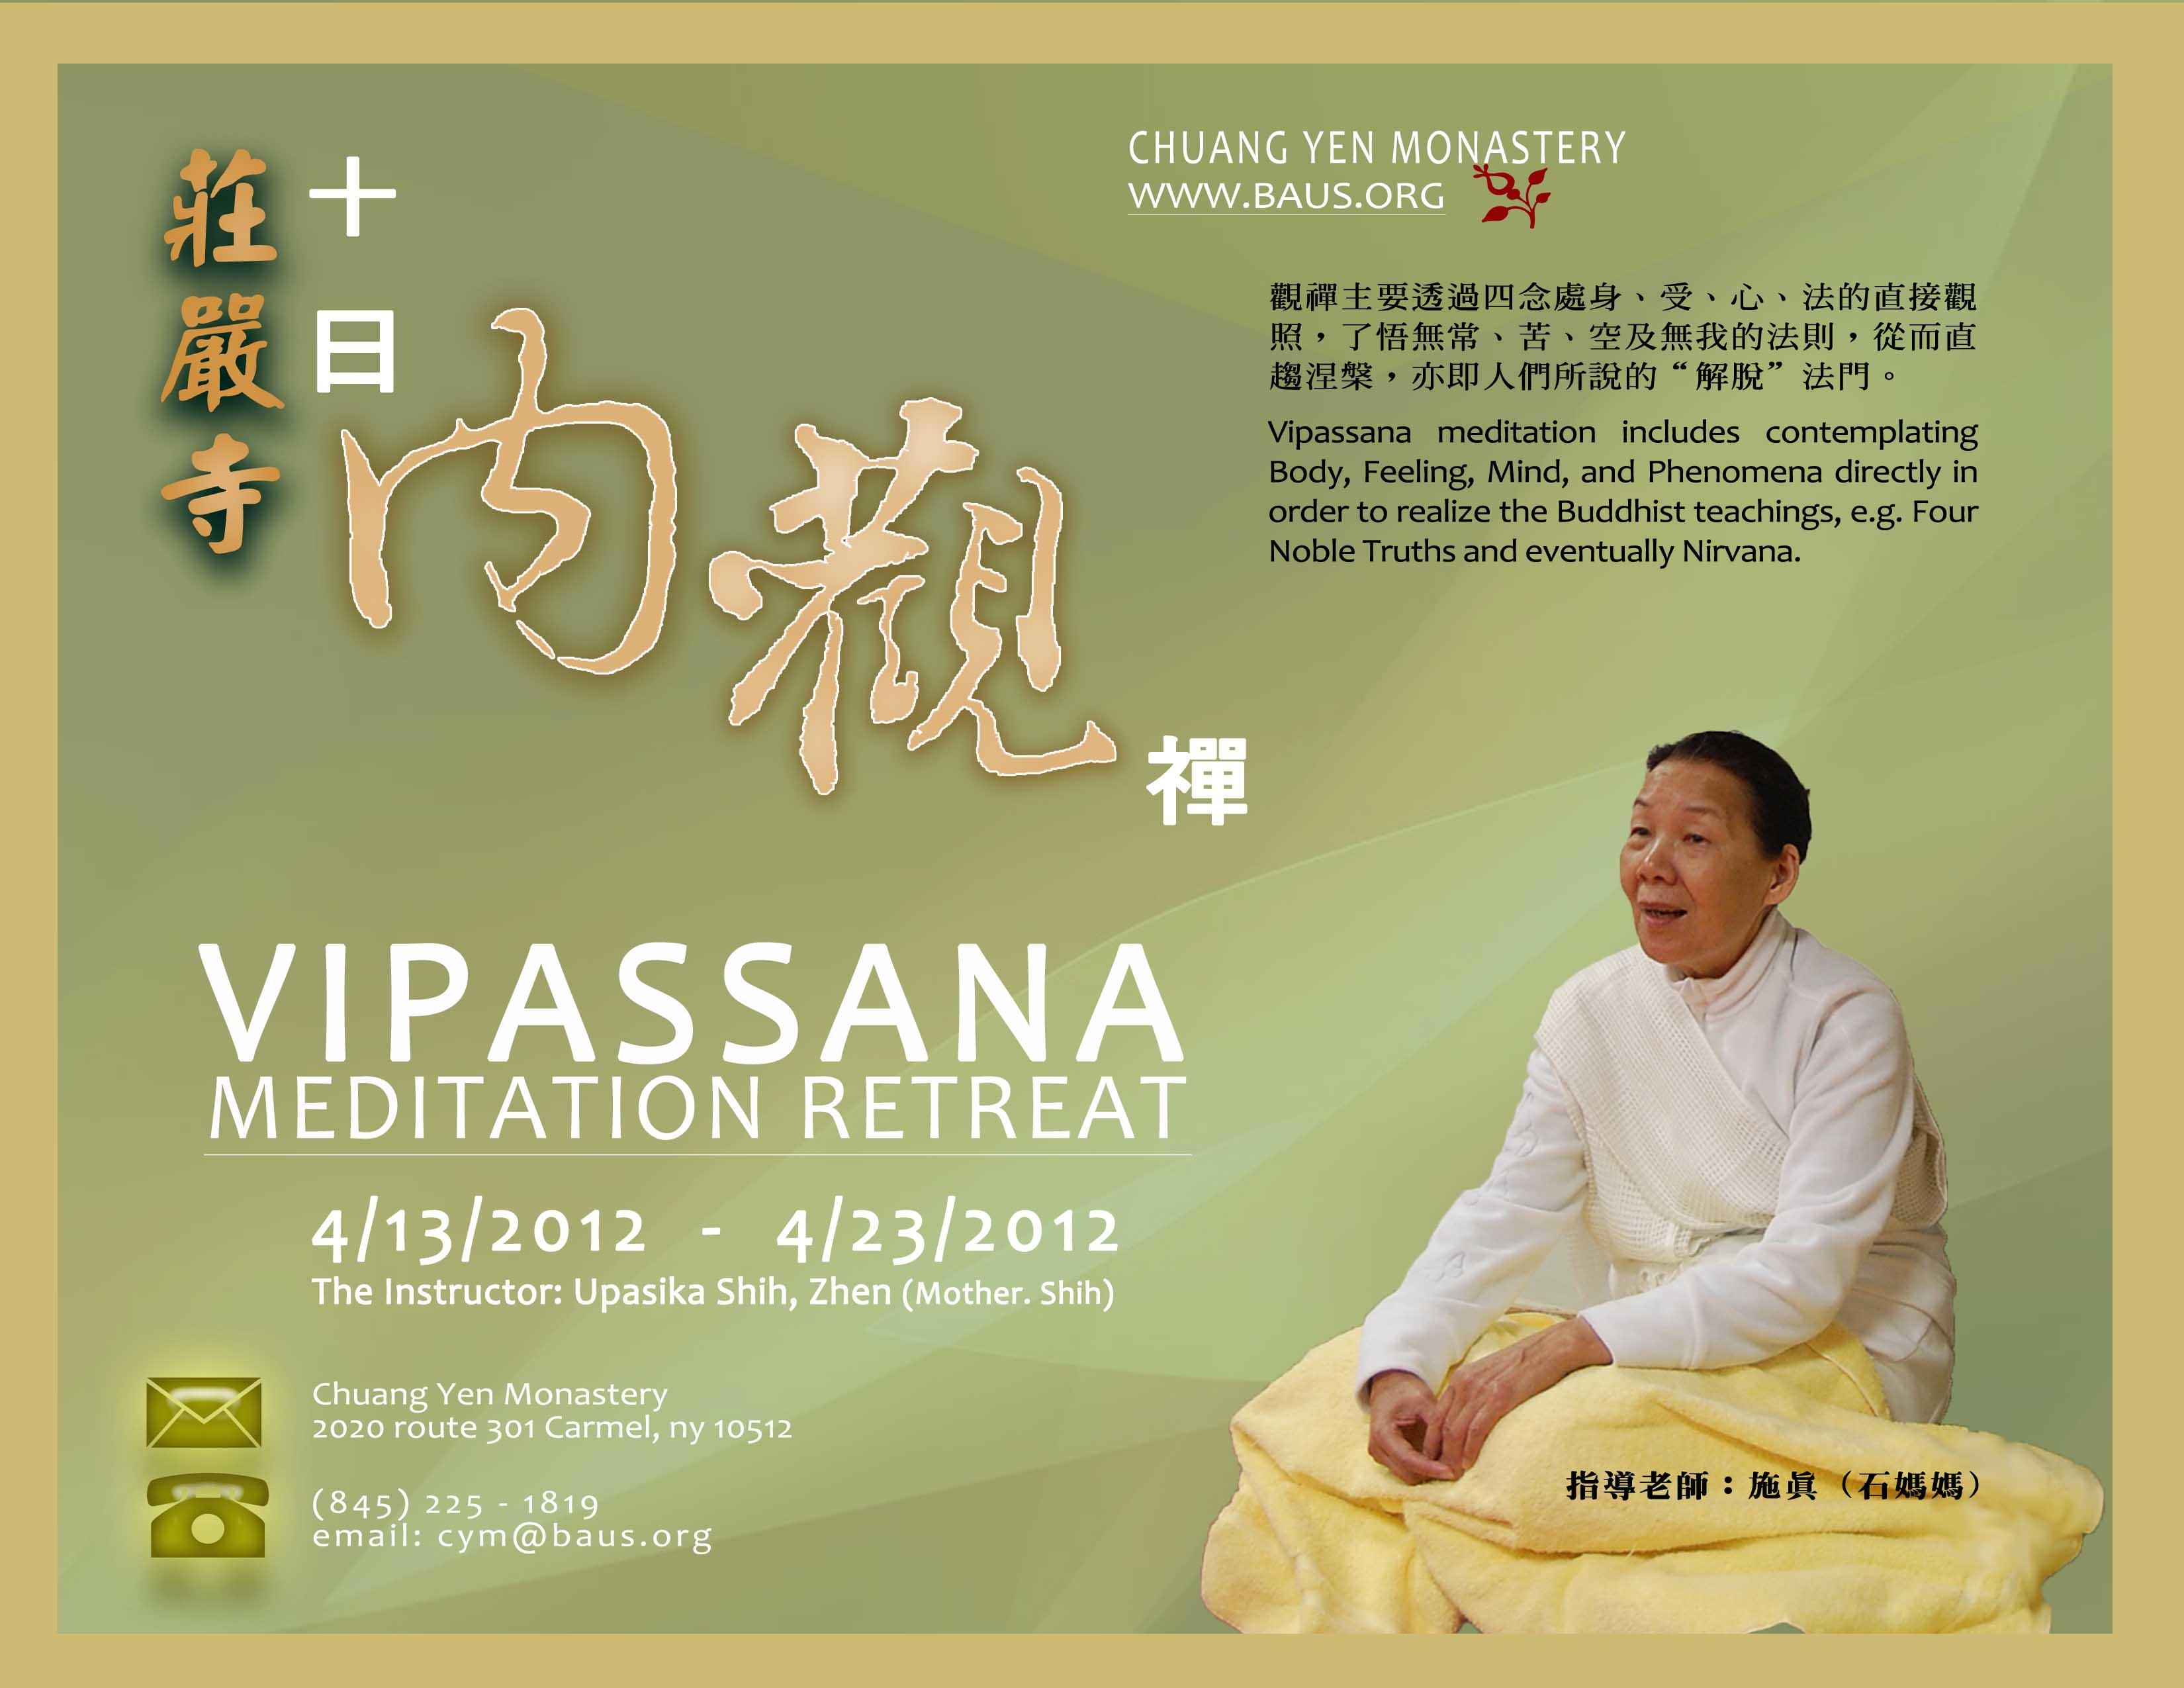 莊嚴寺 十日內觀禪修 (4/13-23/2012)